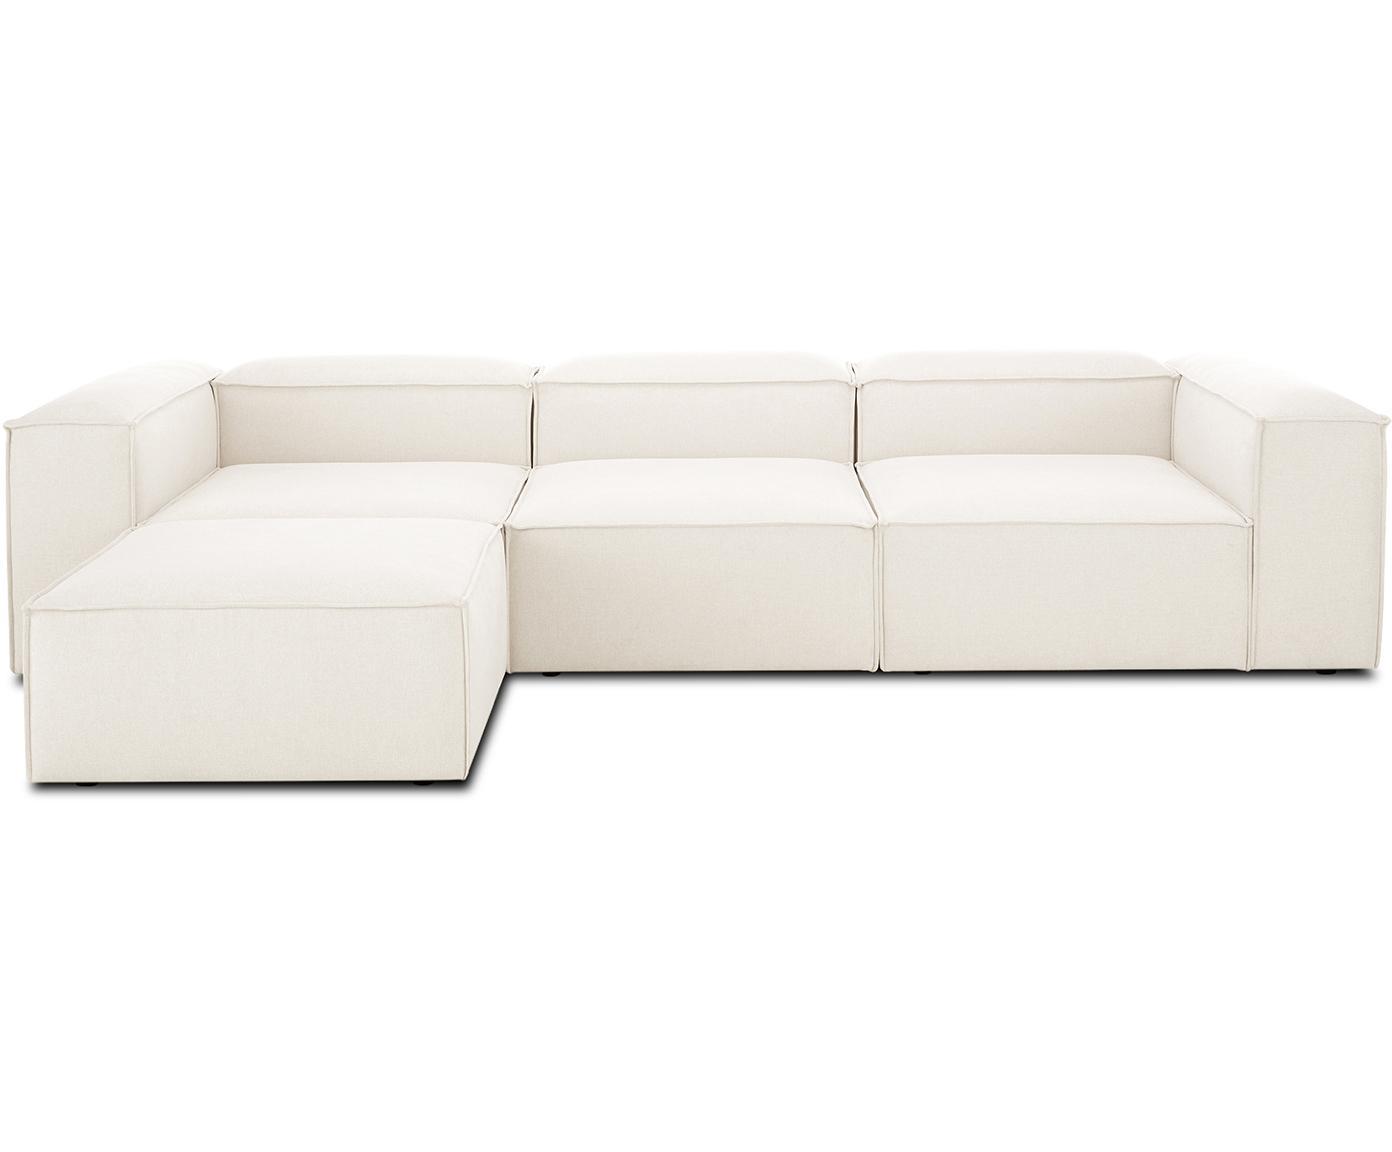 Sofa modułowa Lennon, Tapicerka: 60% poliester, 40% wiskoz, Stelaż: masywne drewno sosnowe, p, Nogi: tworzywo sztuczne, Beżowy, S 333 x G 214 cm